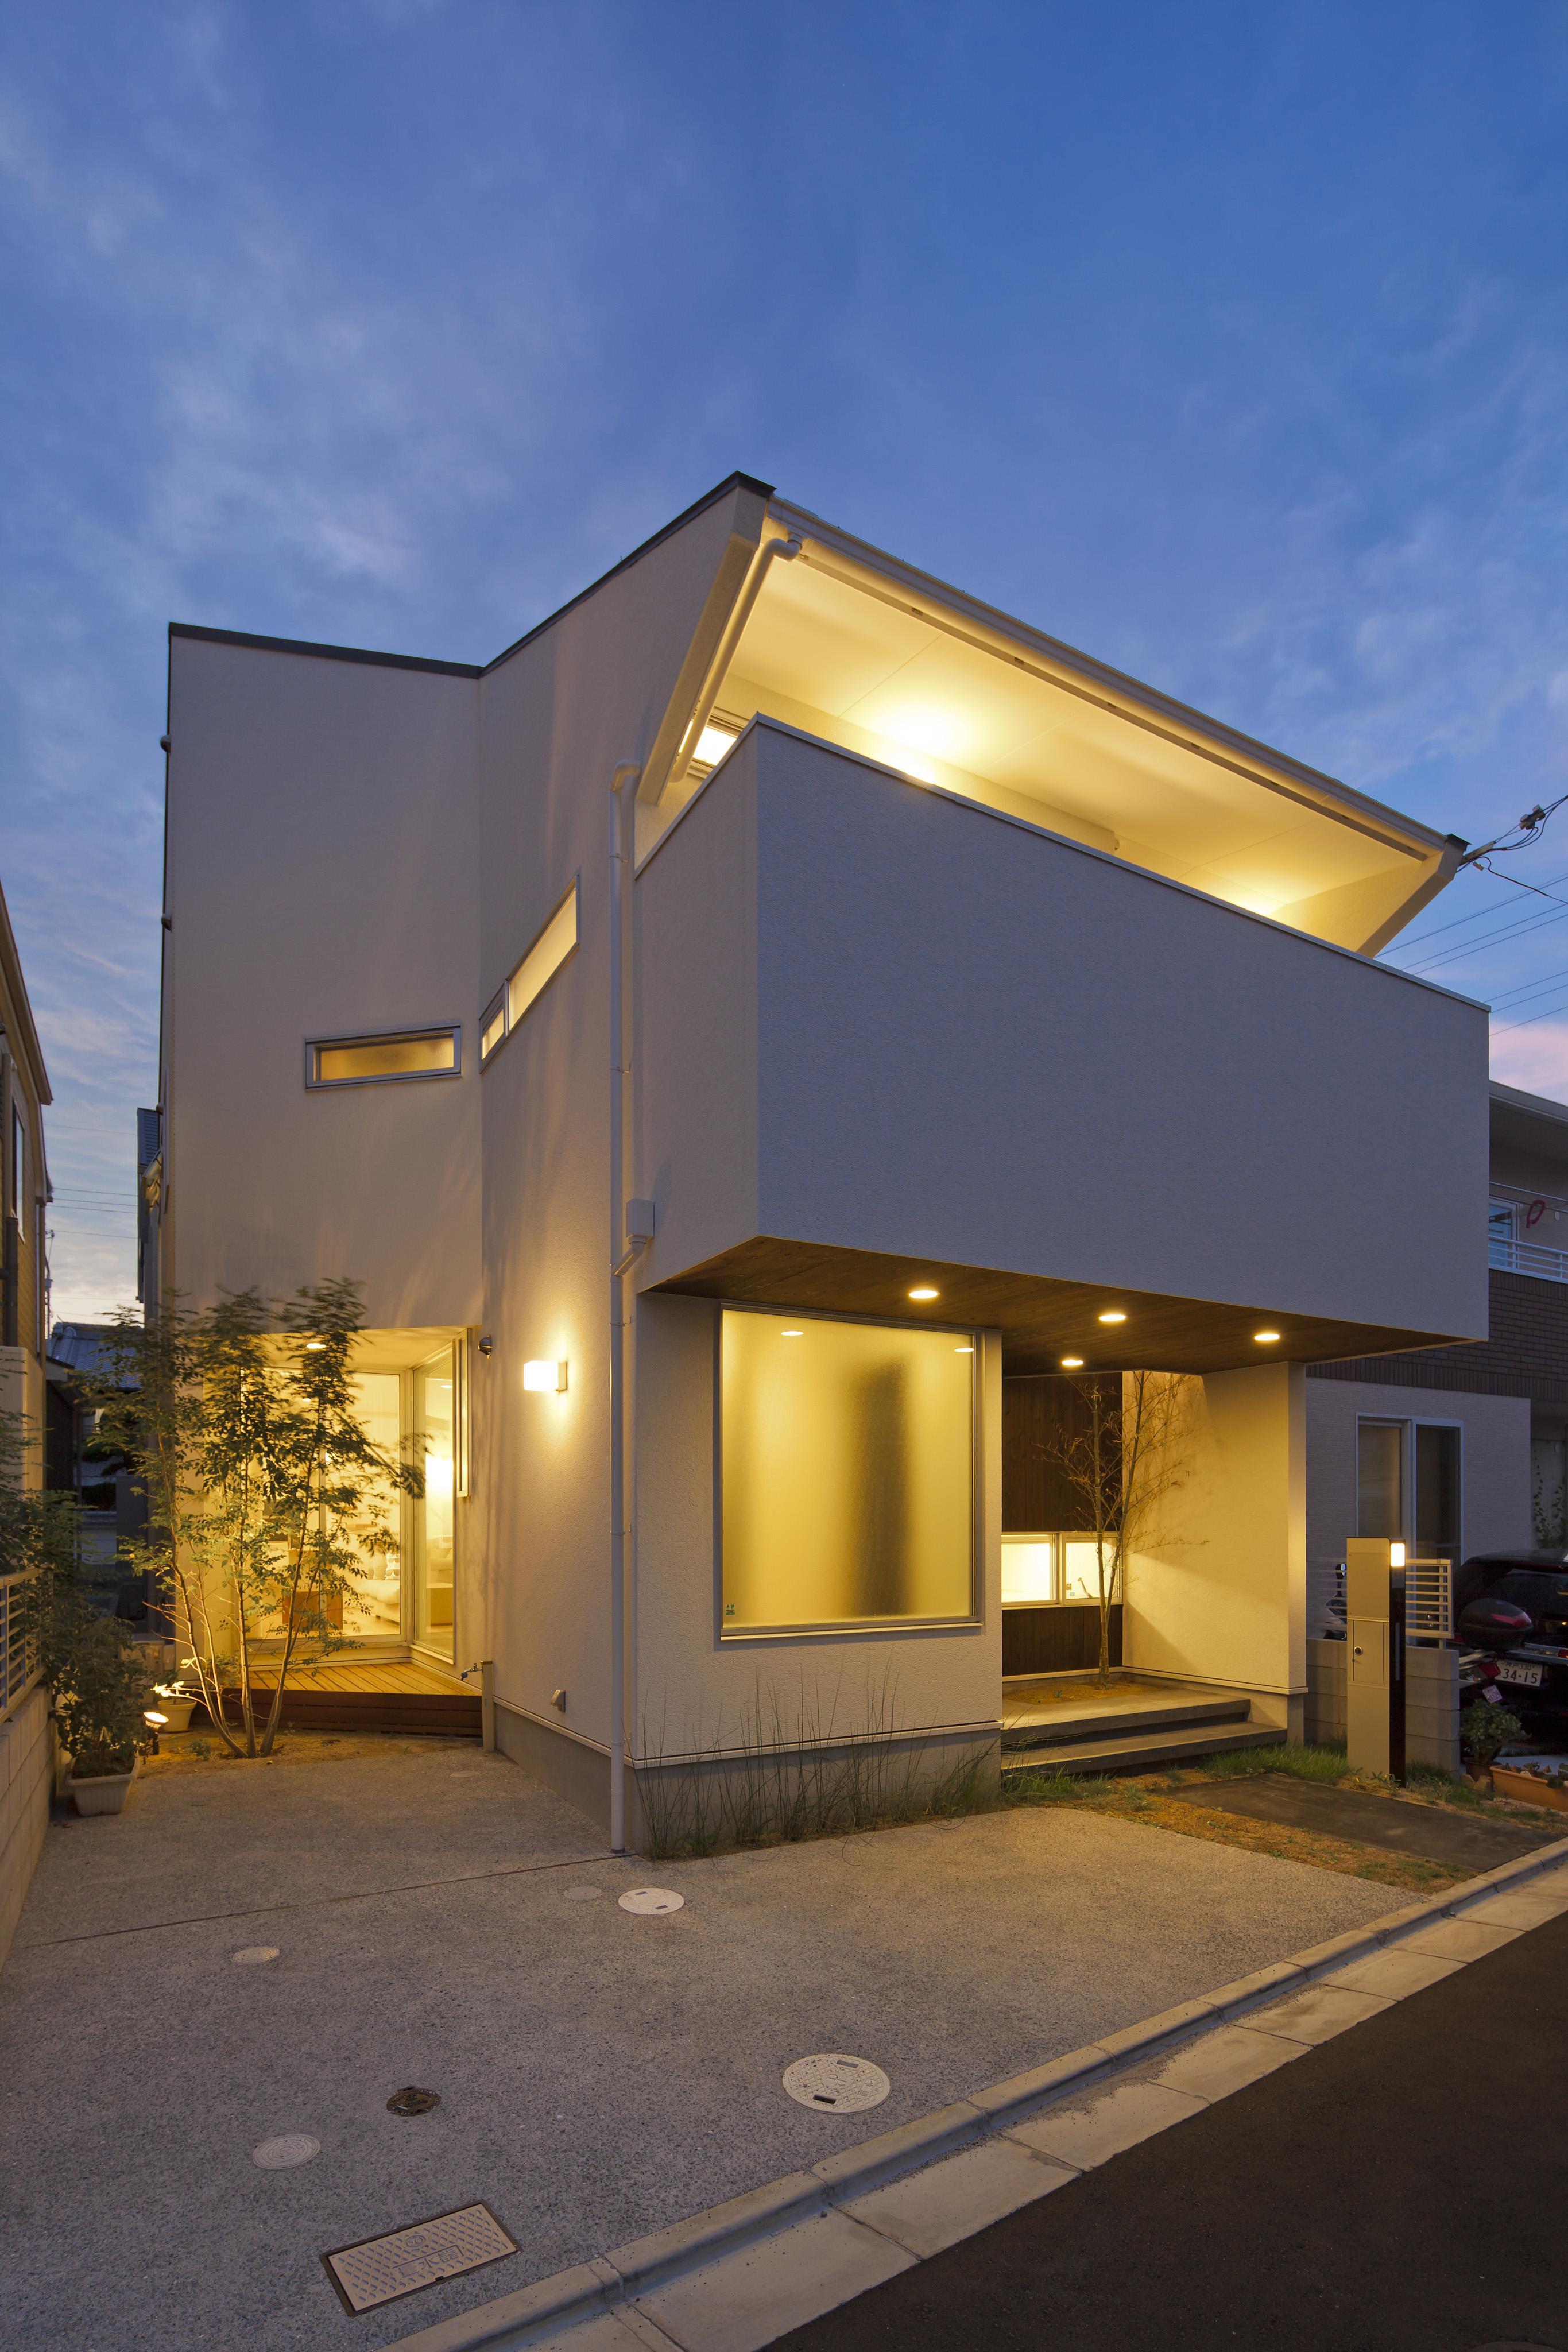 伊丹市 H邸の部屋 ライトアップした白い外観